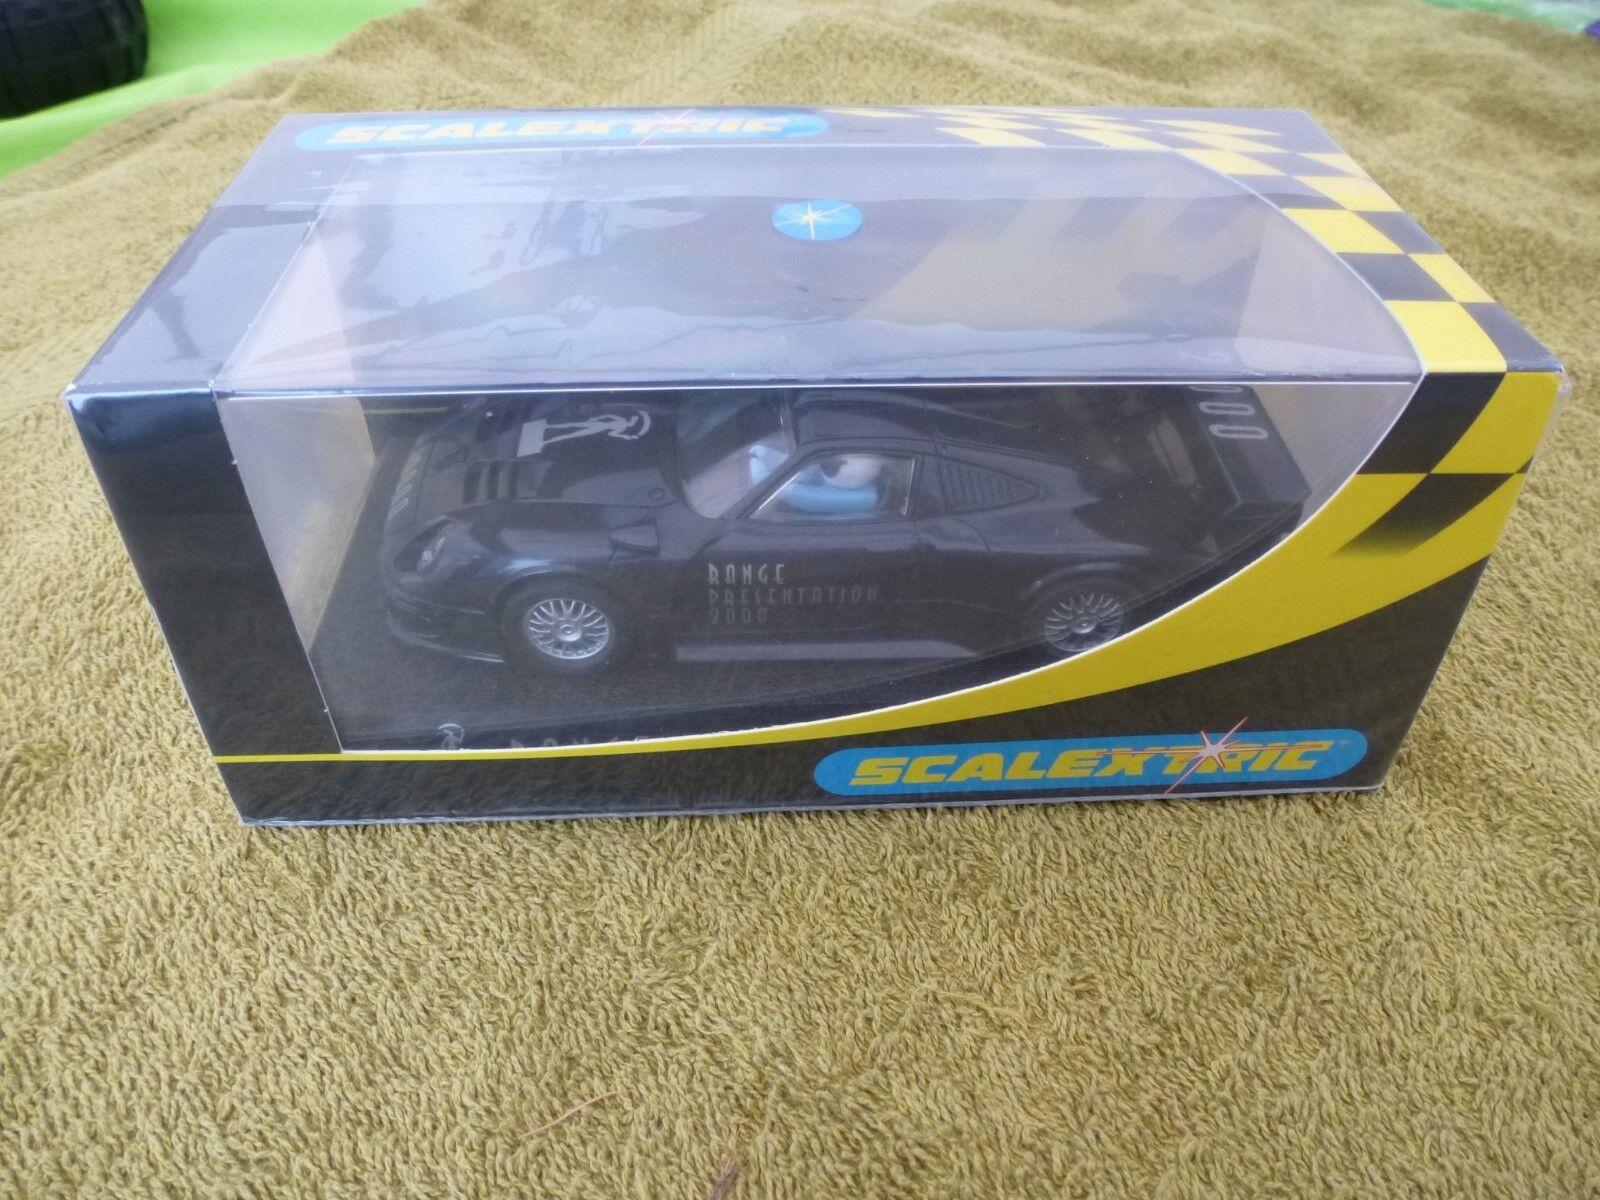 Scalextric NEW 1 32 C2317 bluee Porsche GTi  78 of 300 Range Presentation 2000